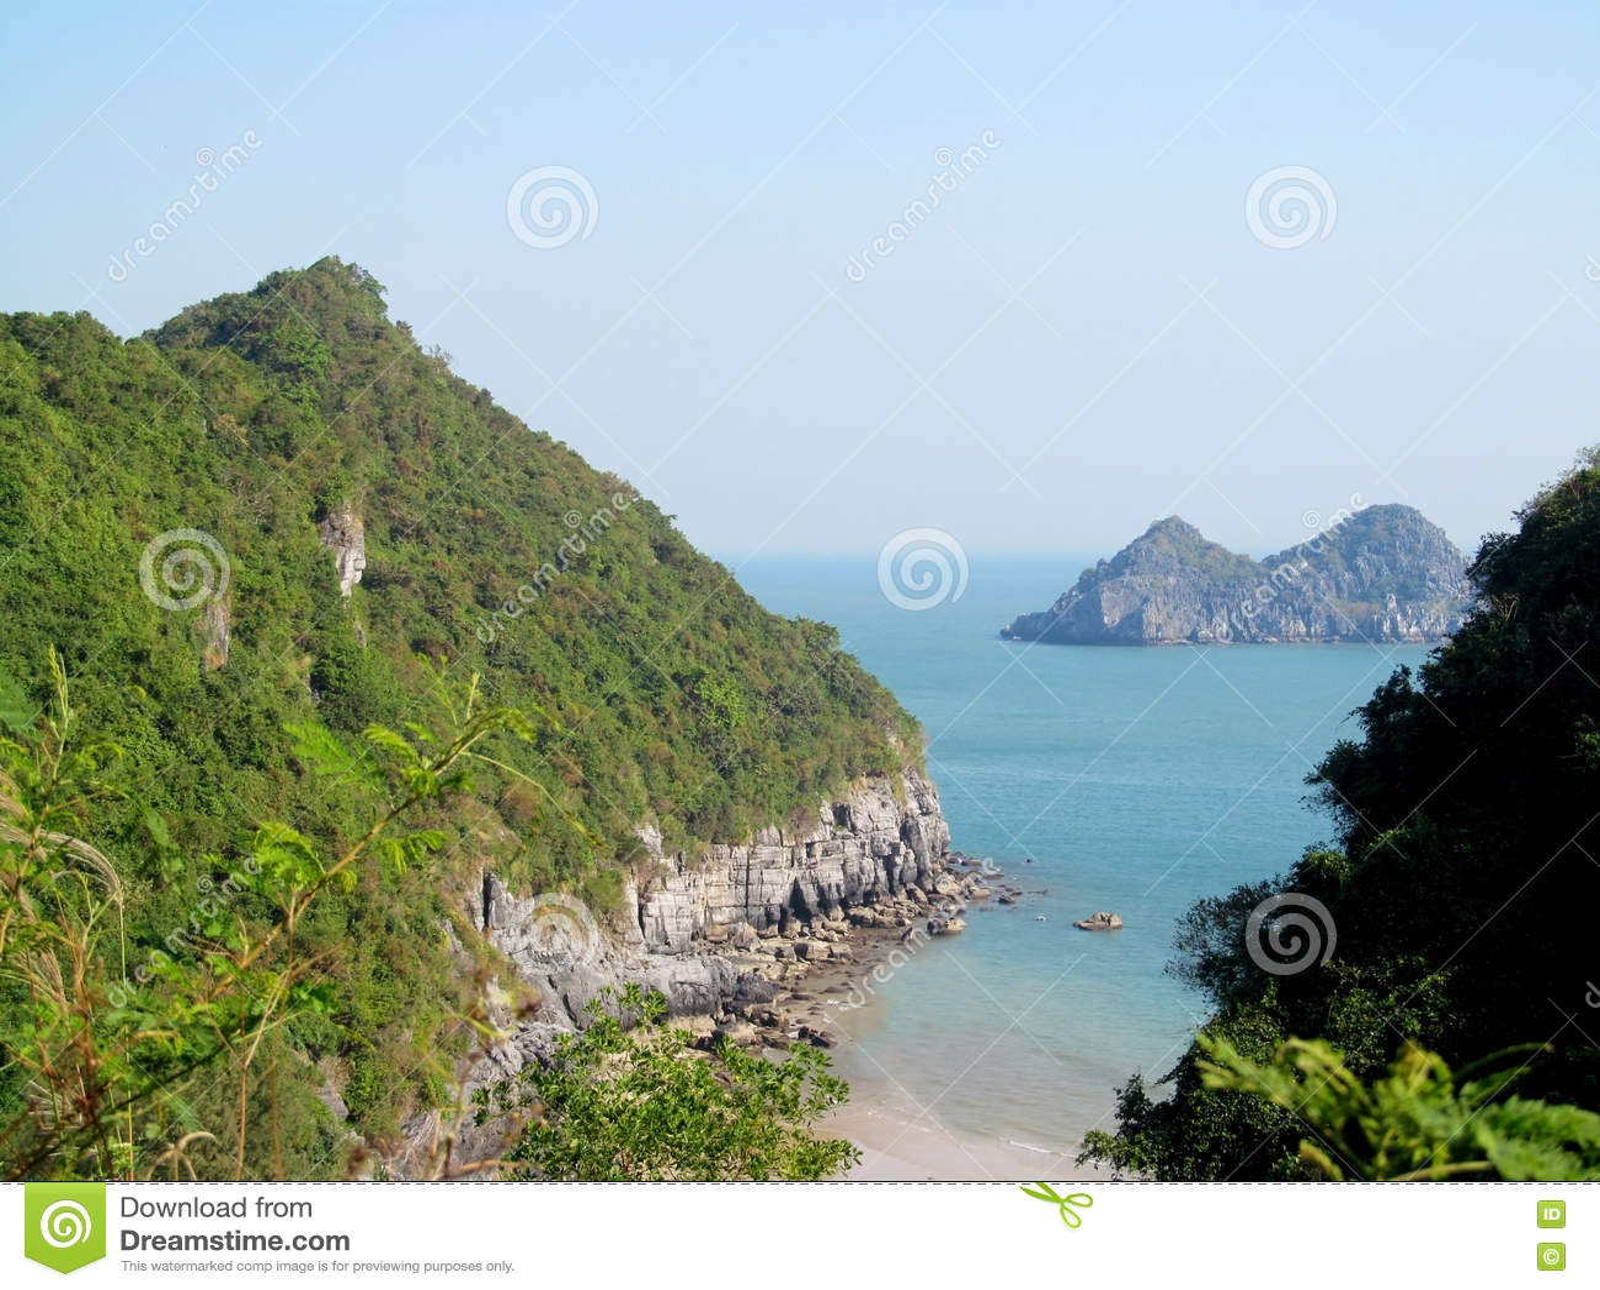 Beautiful islands in the sea